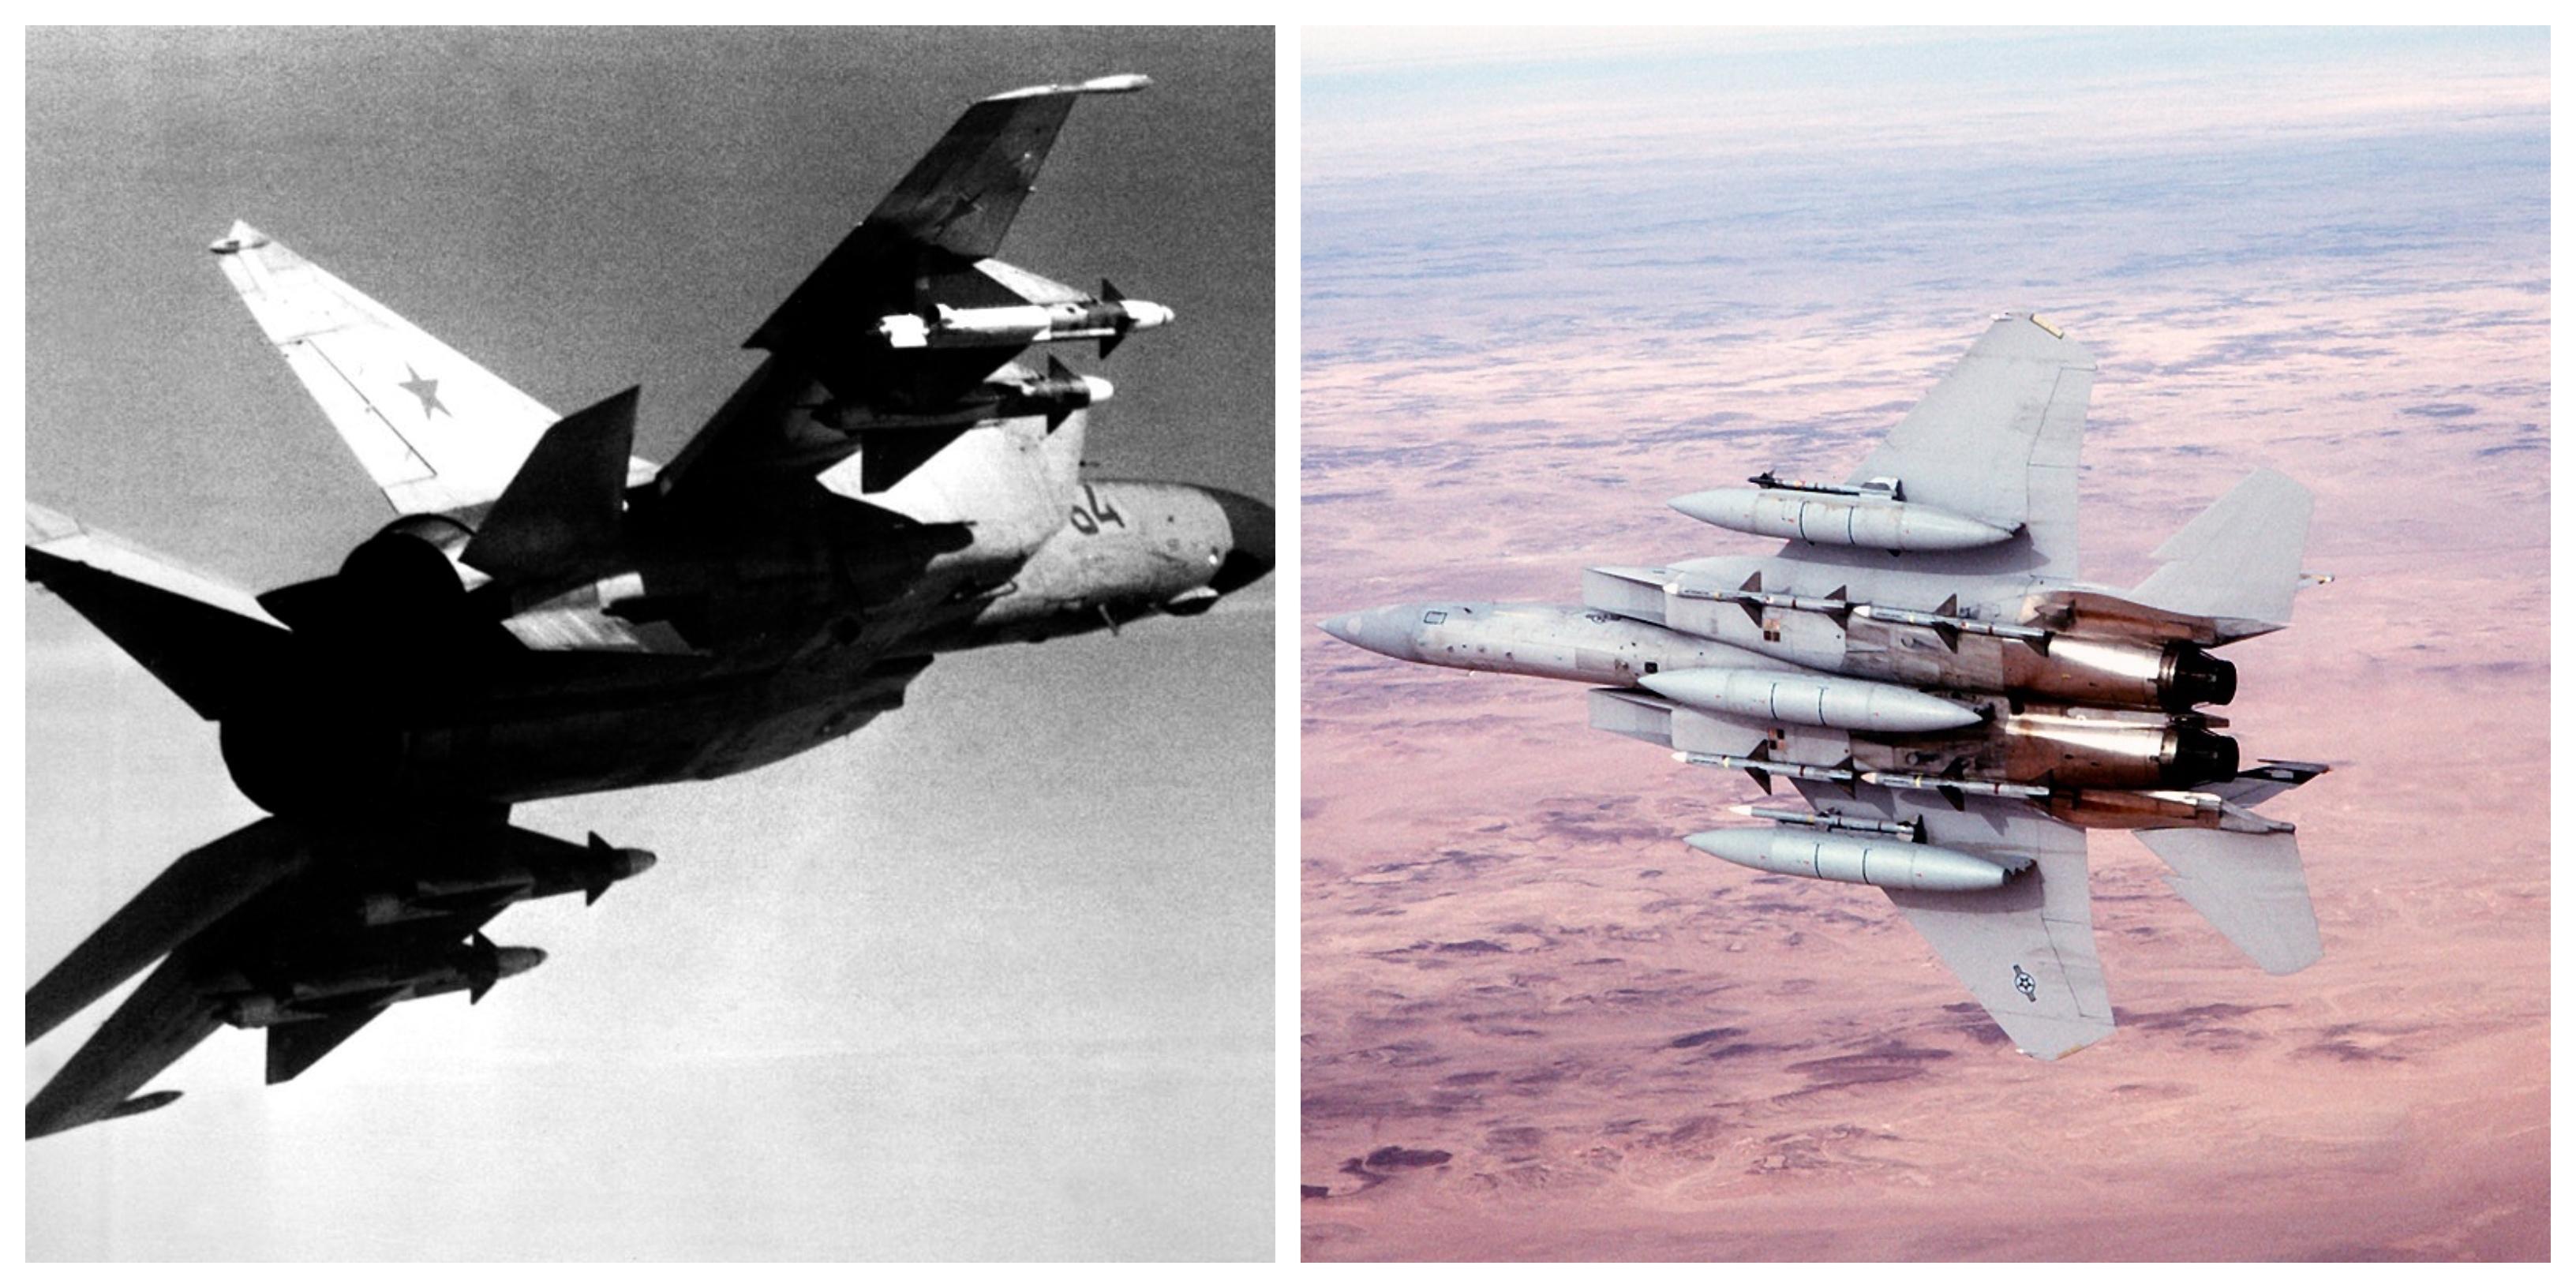 Tuy nhiên những chiếc MiG dựa vào tốc độ của chúng, đã có thể né tránh. F-15 được thiết kế đặc biệt để chống lại MiG-25 của Liên Xô và chịu ảnh hưởng lớn từ thiết kế Foxbat.